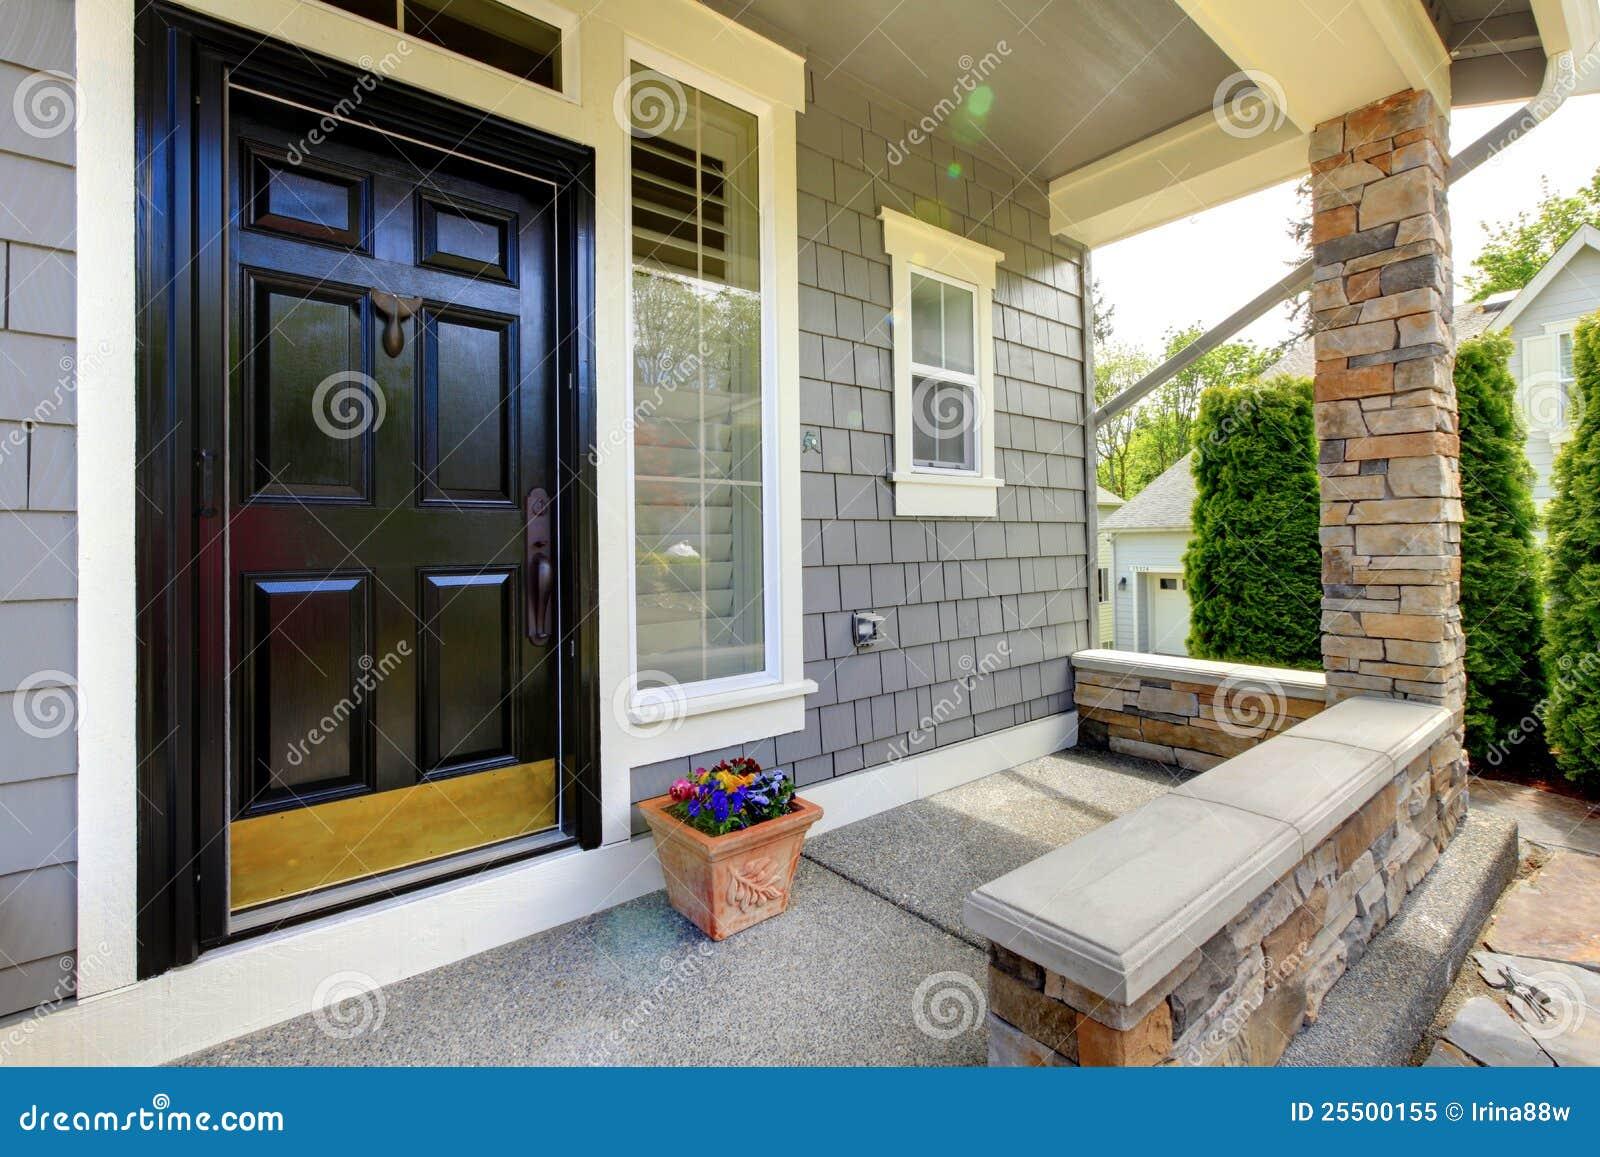 Graues Haus Außen Mit Schwarzer Tür. Stockbild - Bild von blau ...